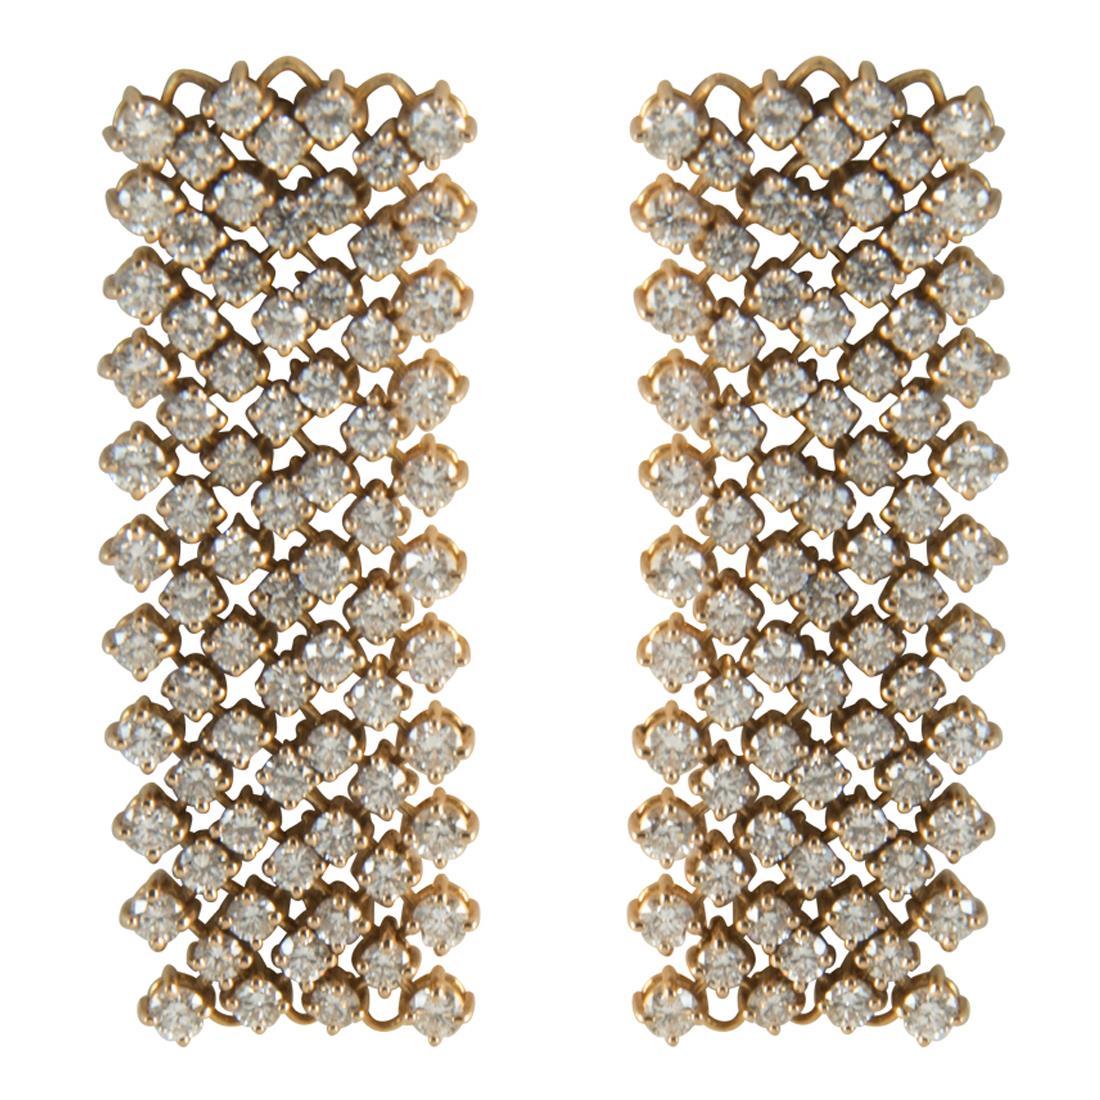 Orecchini  in oro con diamanti ct 4.30 - ALFIERI ST JOHN